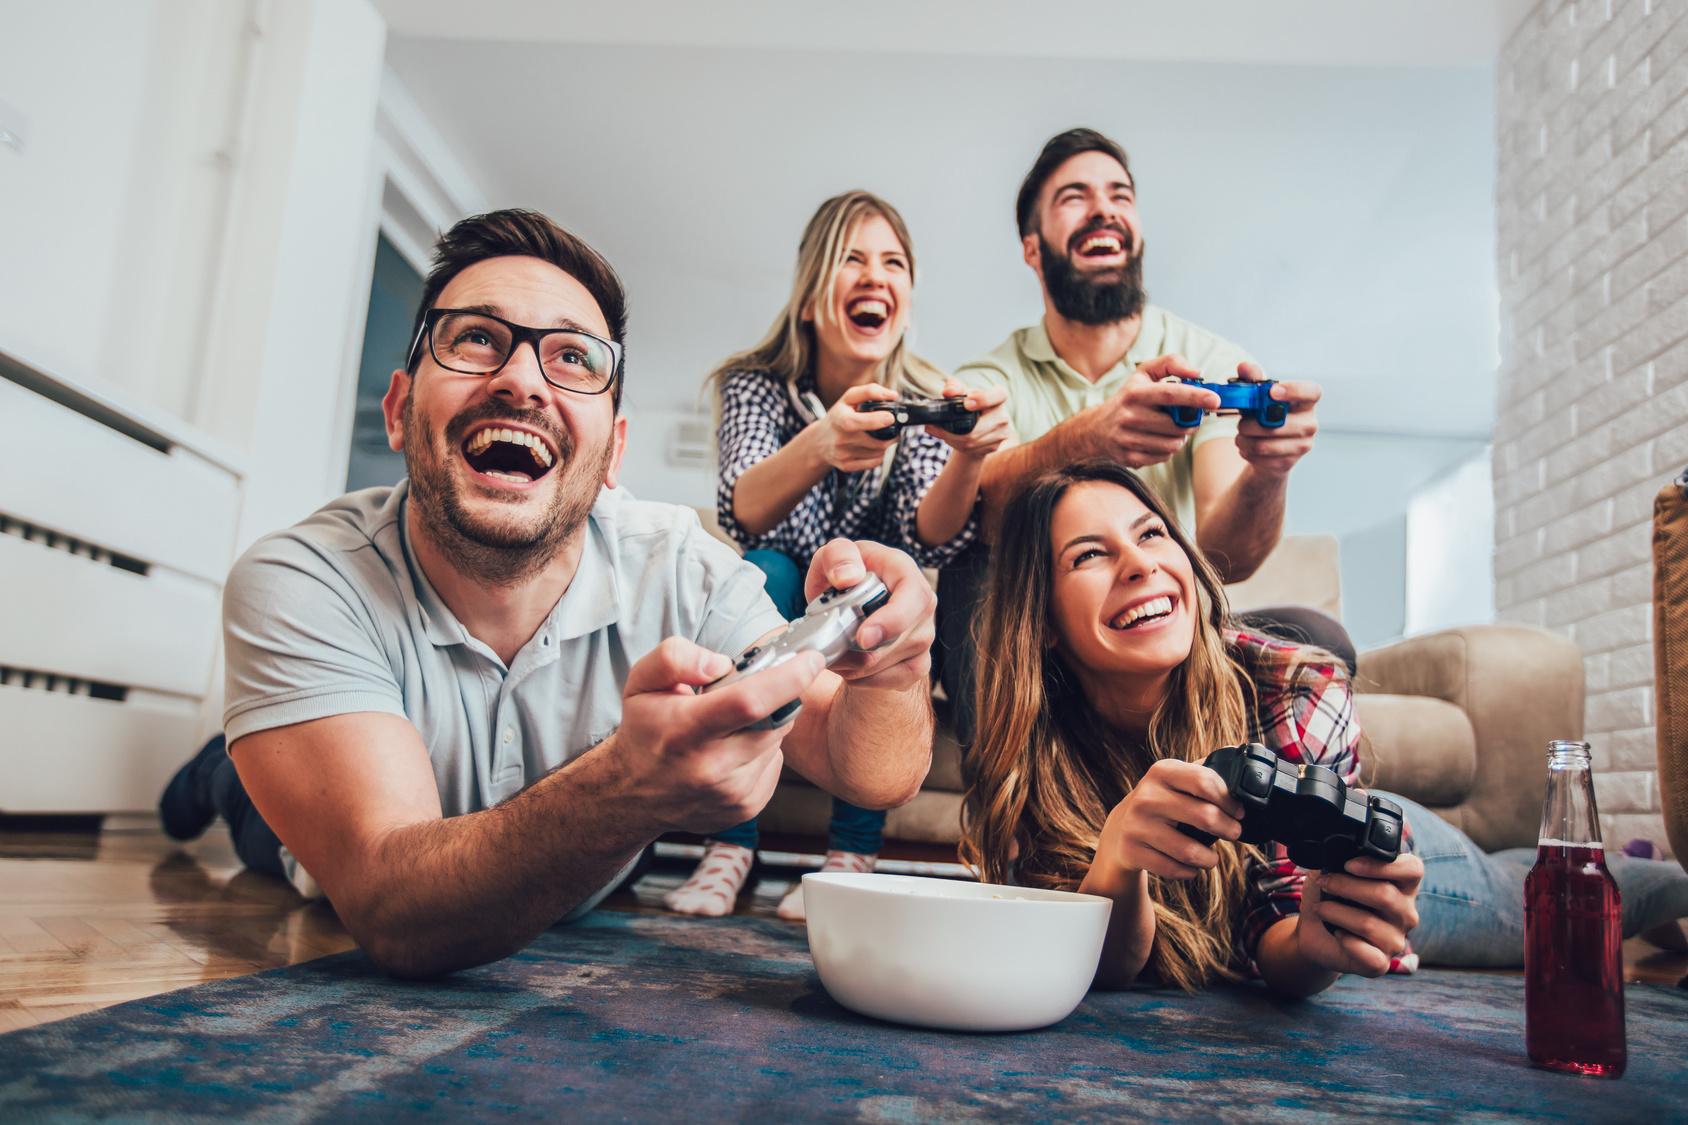 Die Gamescom 2018 in Köln